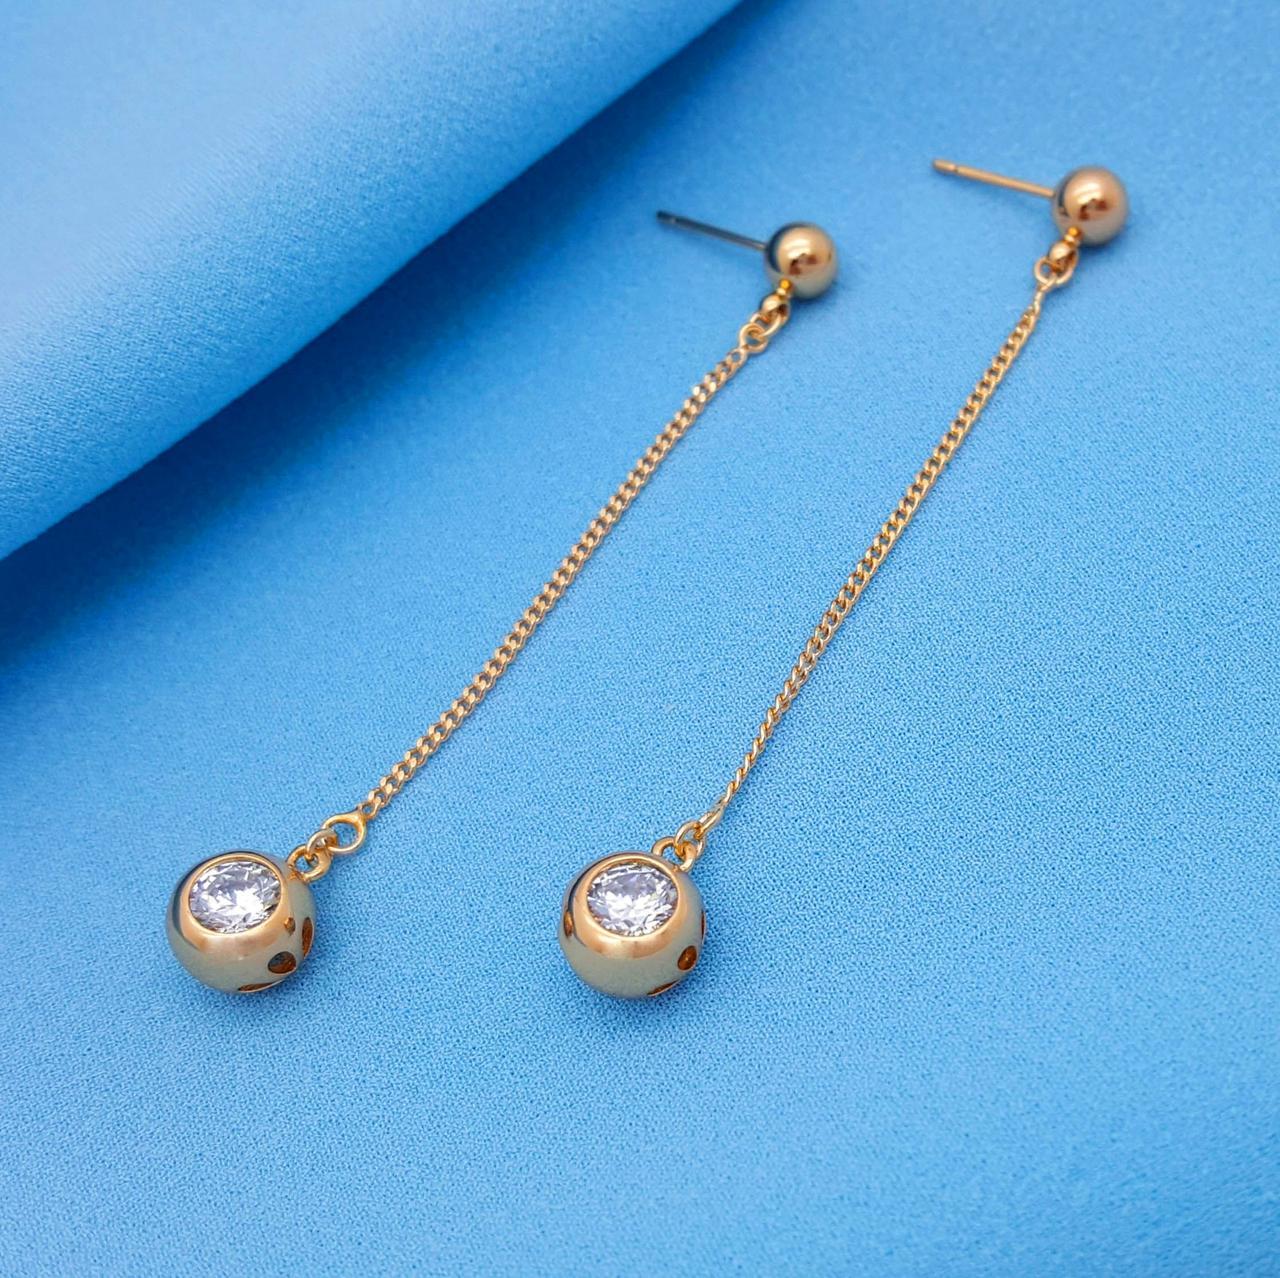 Серьги гвоздики, Висюлькы на цепочке с цирконием, позолота Xuping